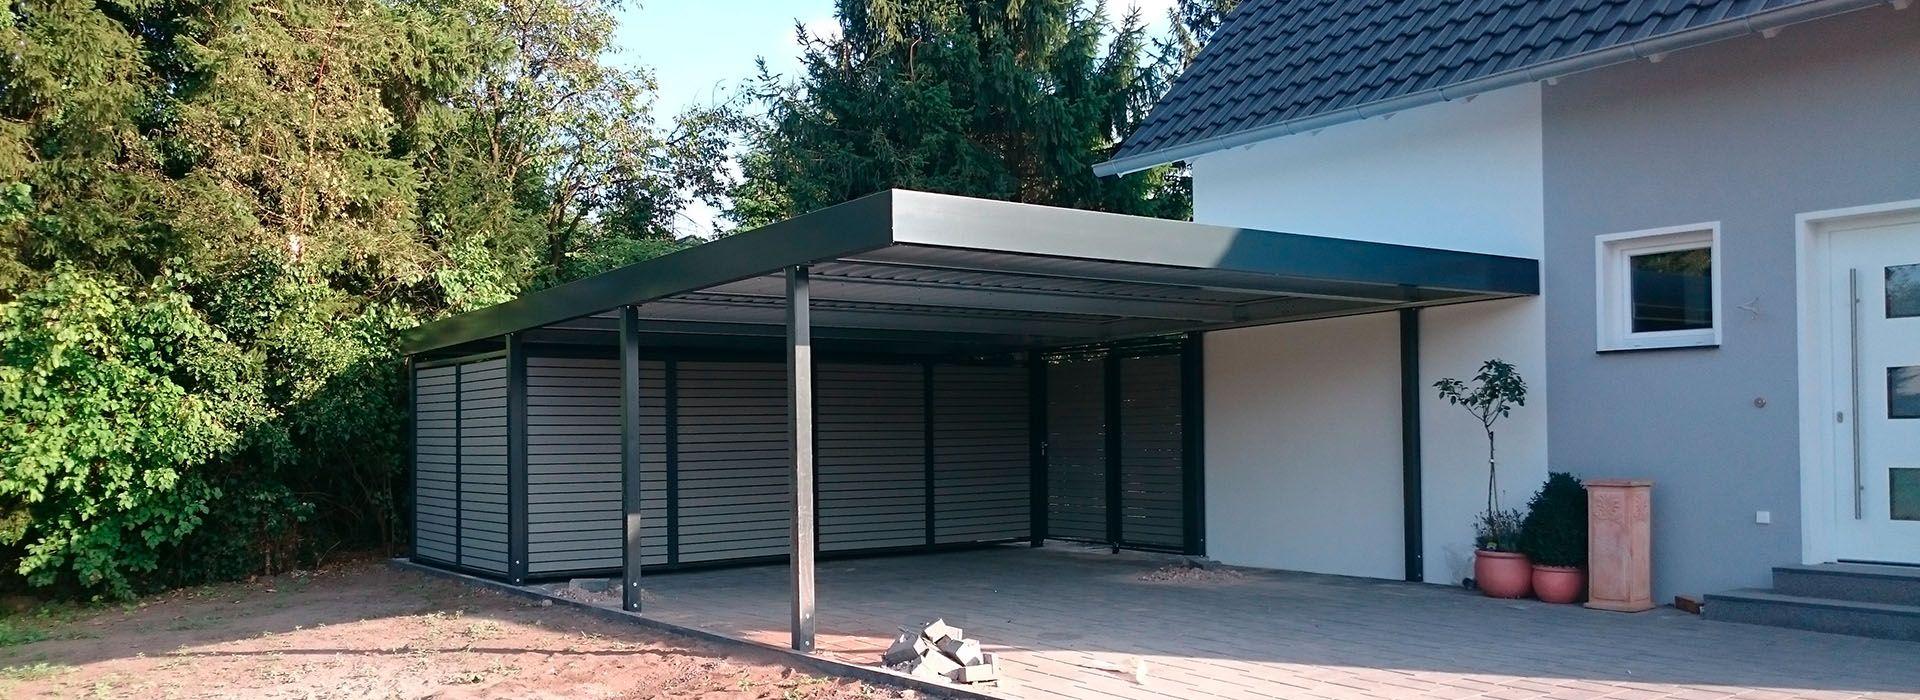 LowBudgetHäuser Kostengünstig bauen Low budget häuser